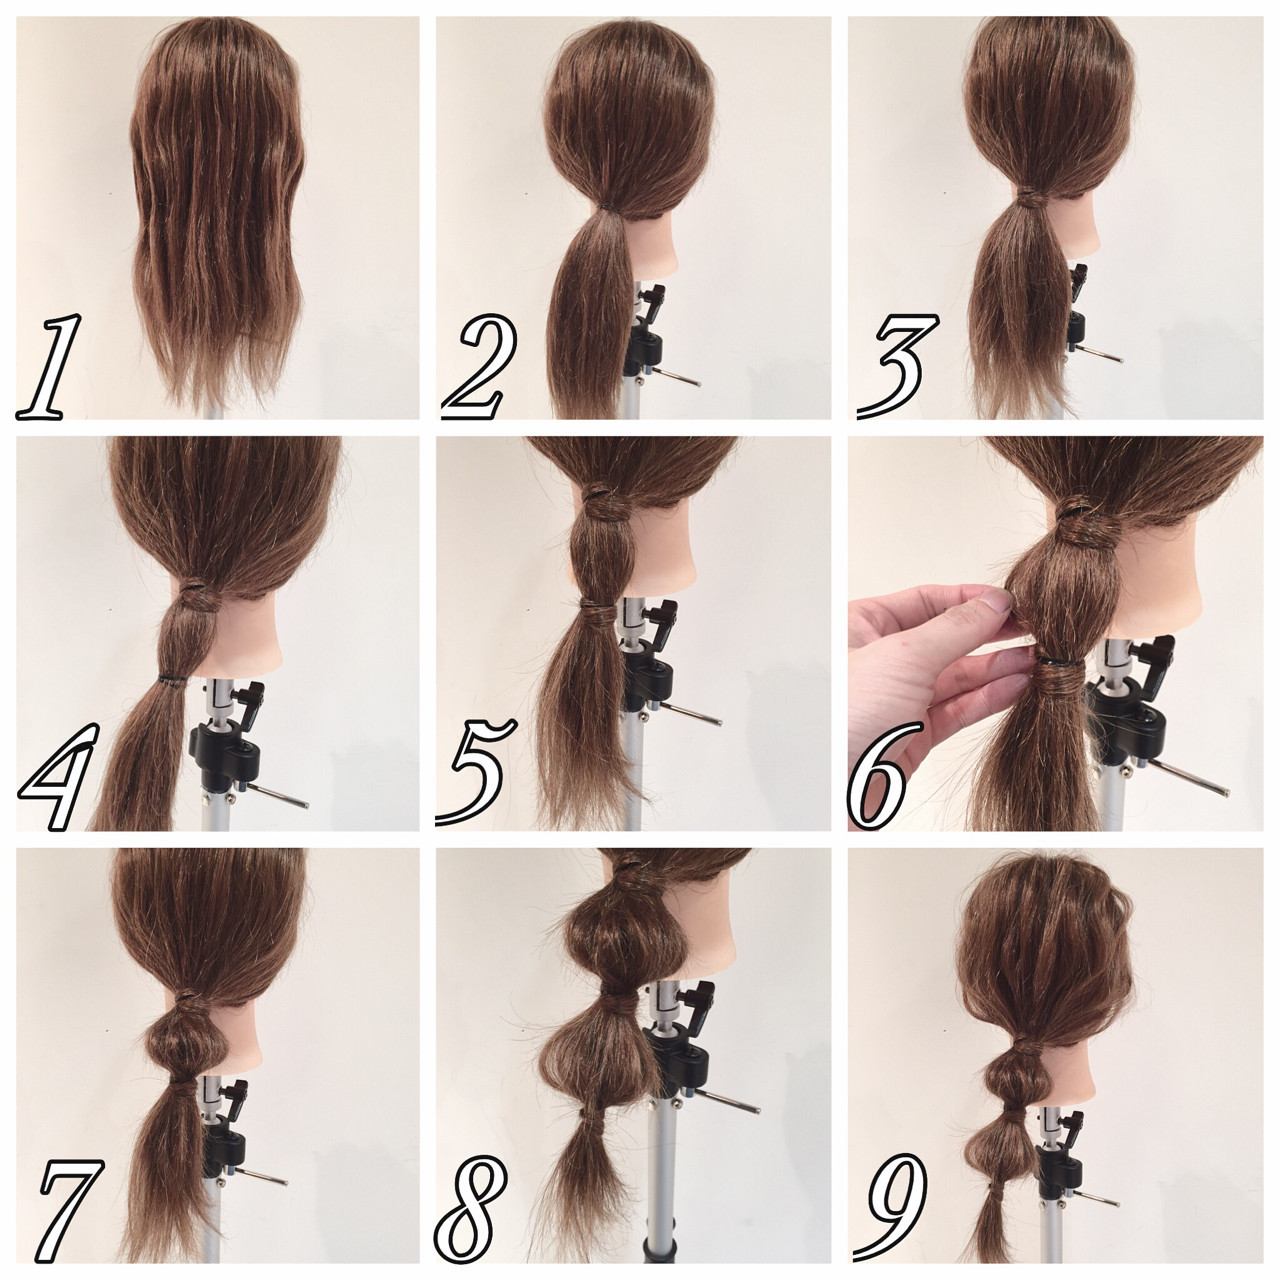 忙しい朝に◎簡単にまとめ髪が作れるロングヘアアレンジ集 木村 達沖